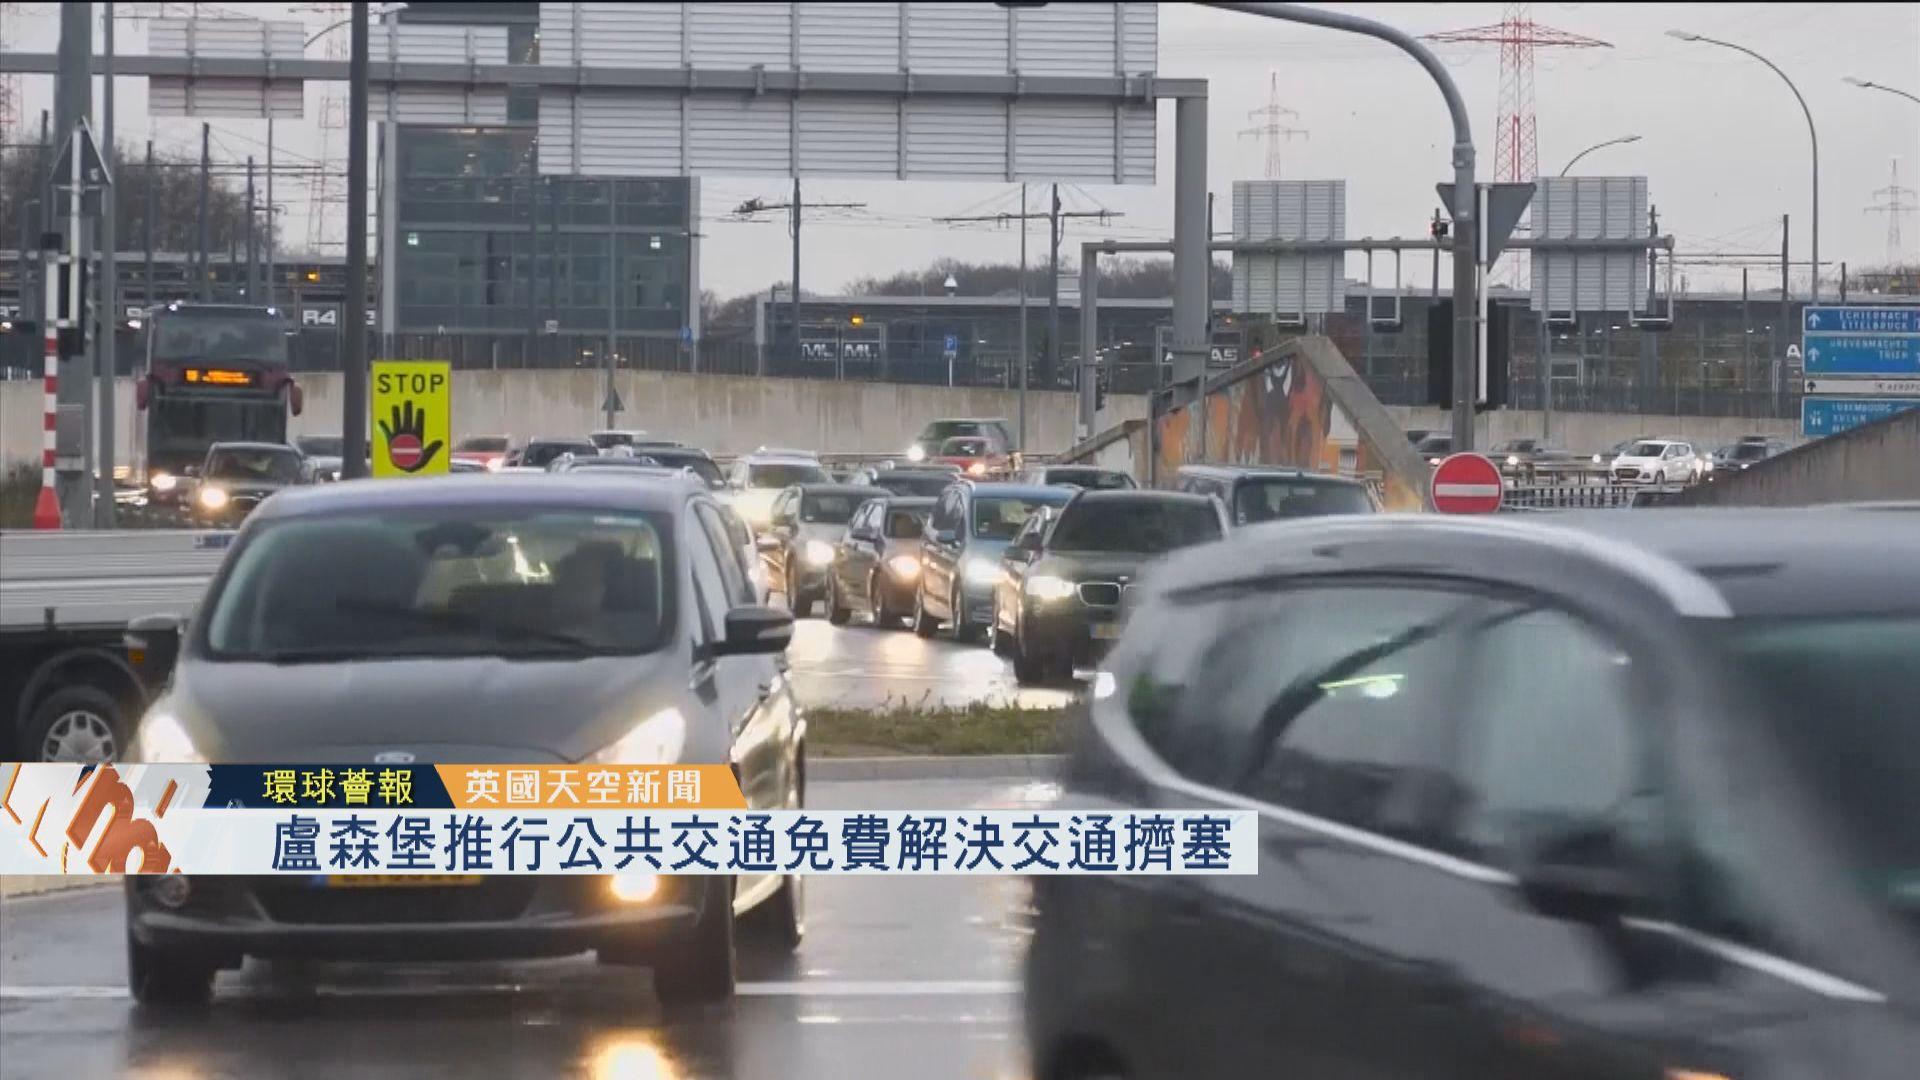 【環球薈報】盧森堡推行公共交通免費解決交通擠塞